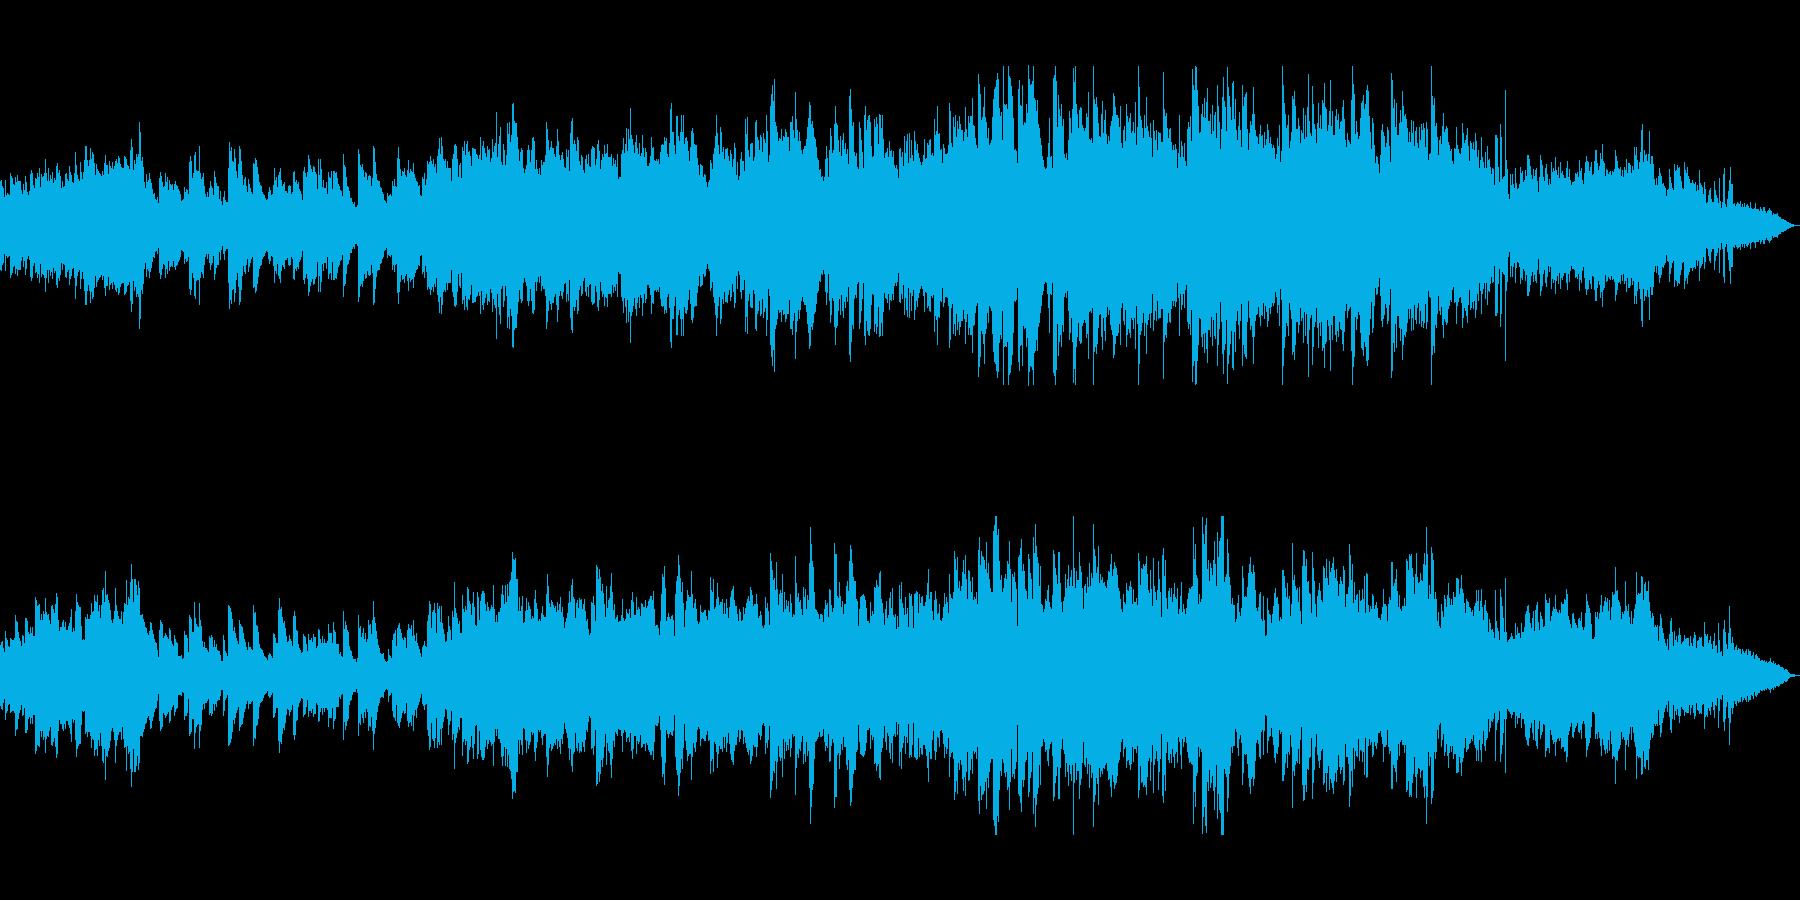 美しいピアノのメロディーが印象的の再生済みの波形